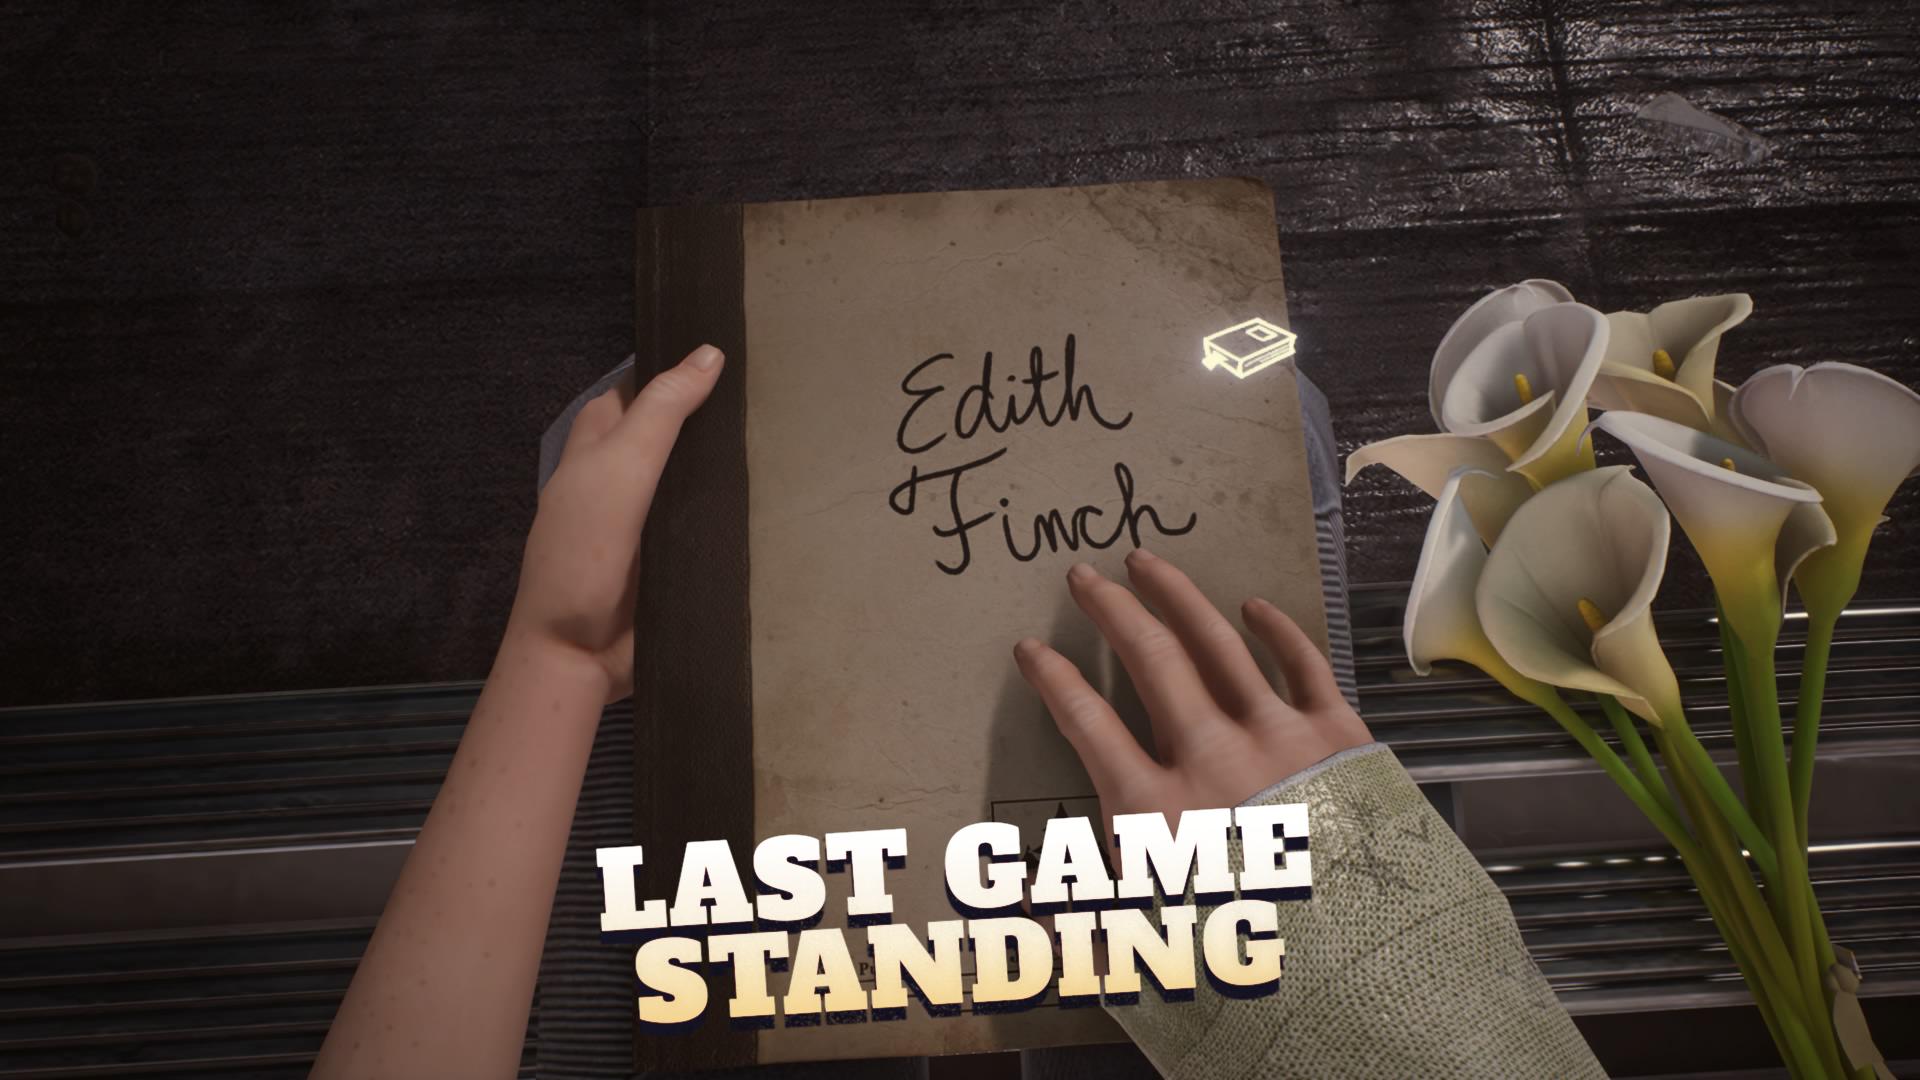 Zwischenfolge: Welche Spiele haben wir vergessen? / Ausblick und Rückblick